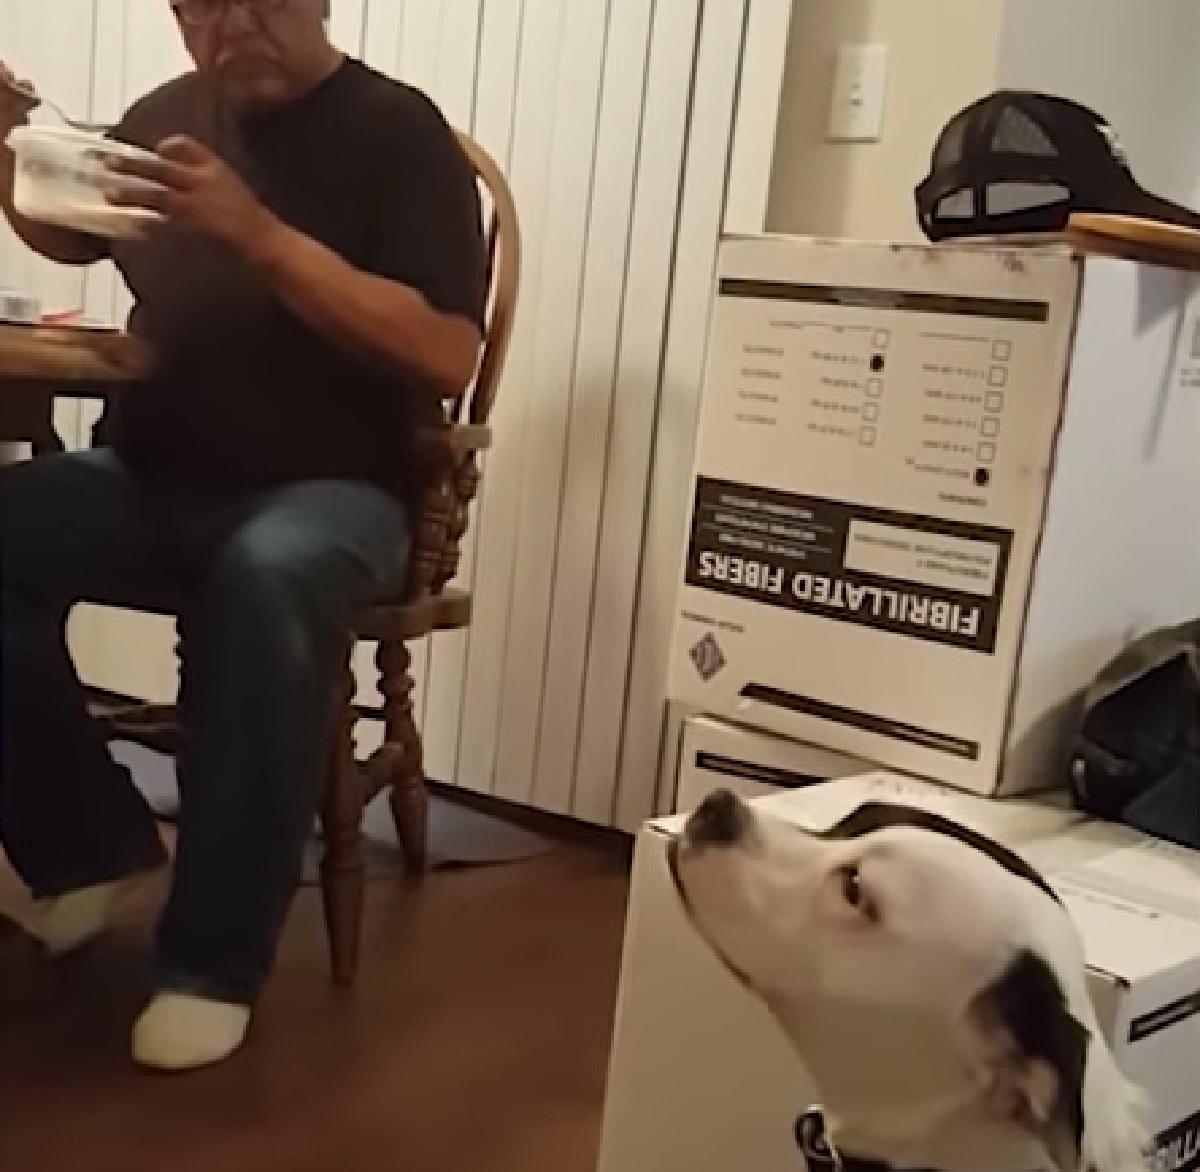 marley cucciolo bo-jack terrier volge sguardo altra parte